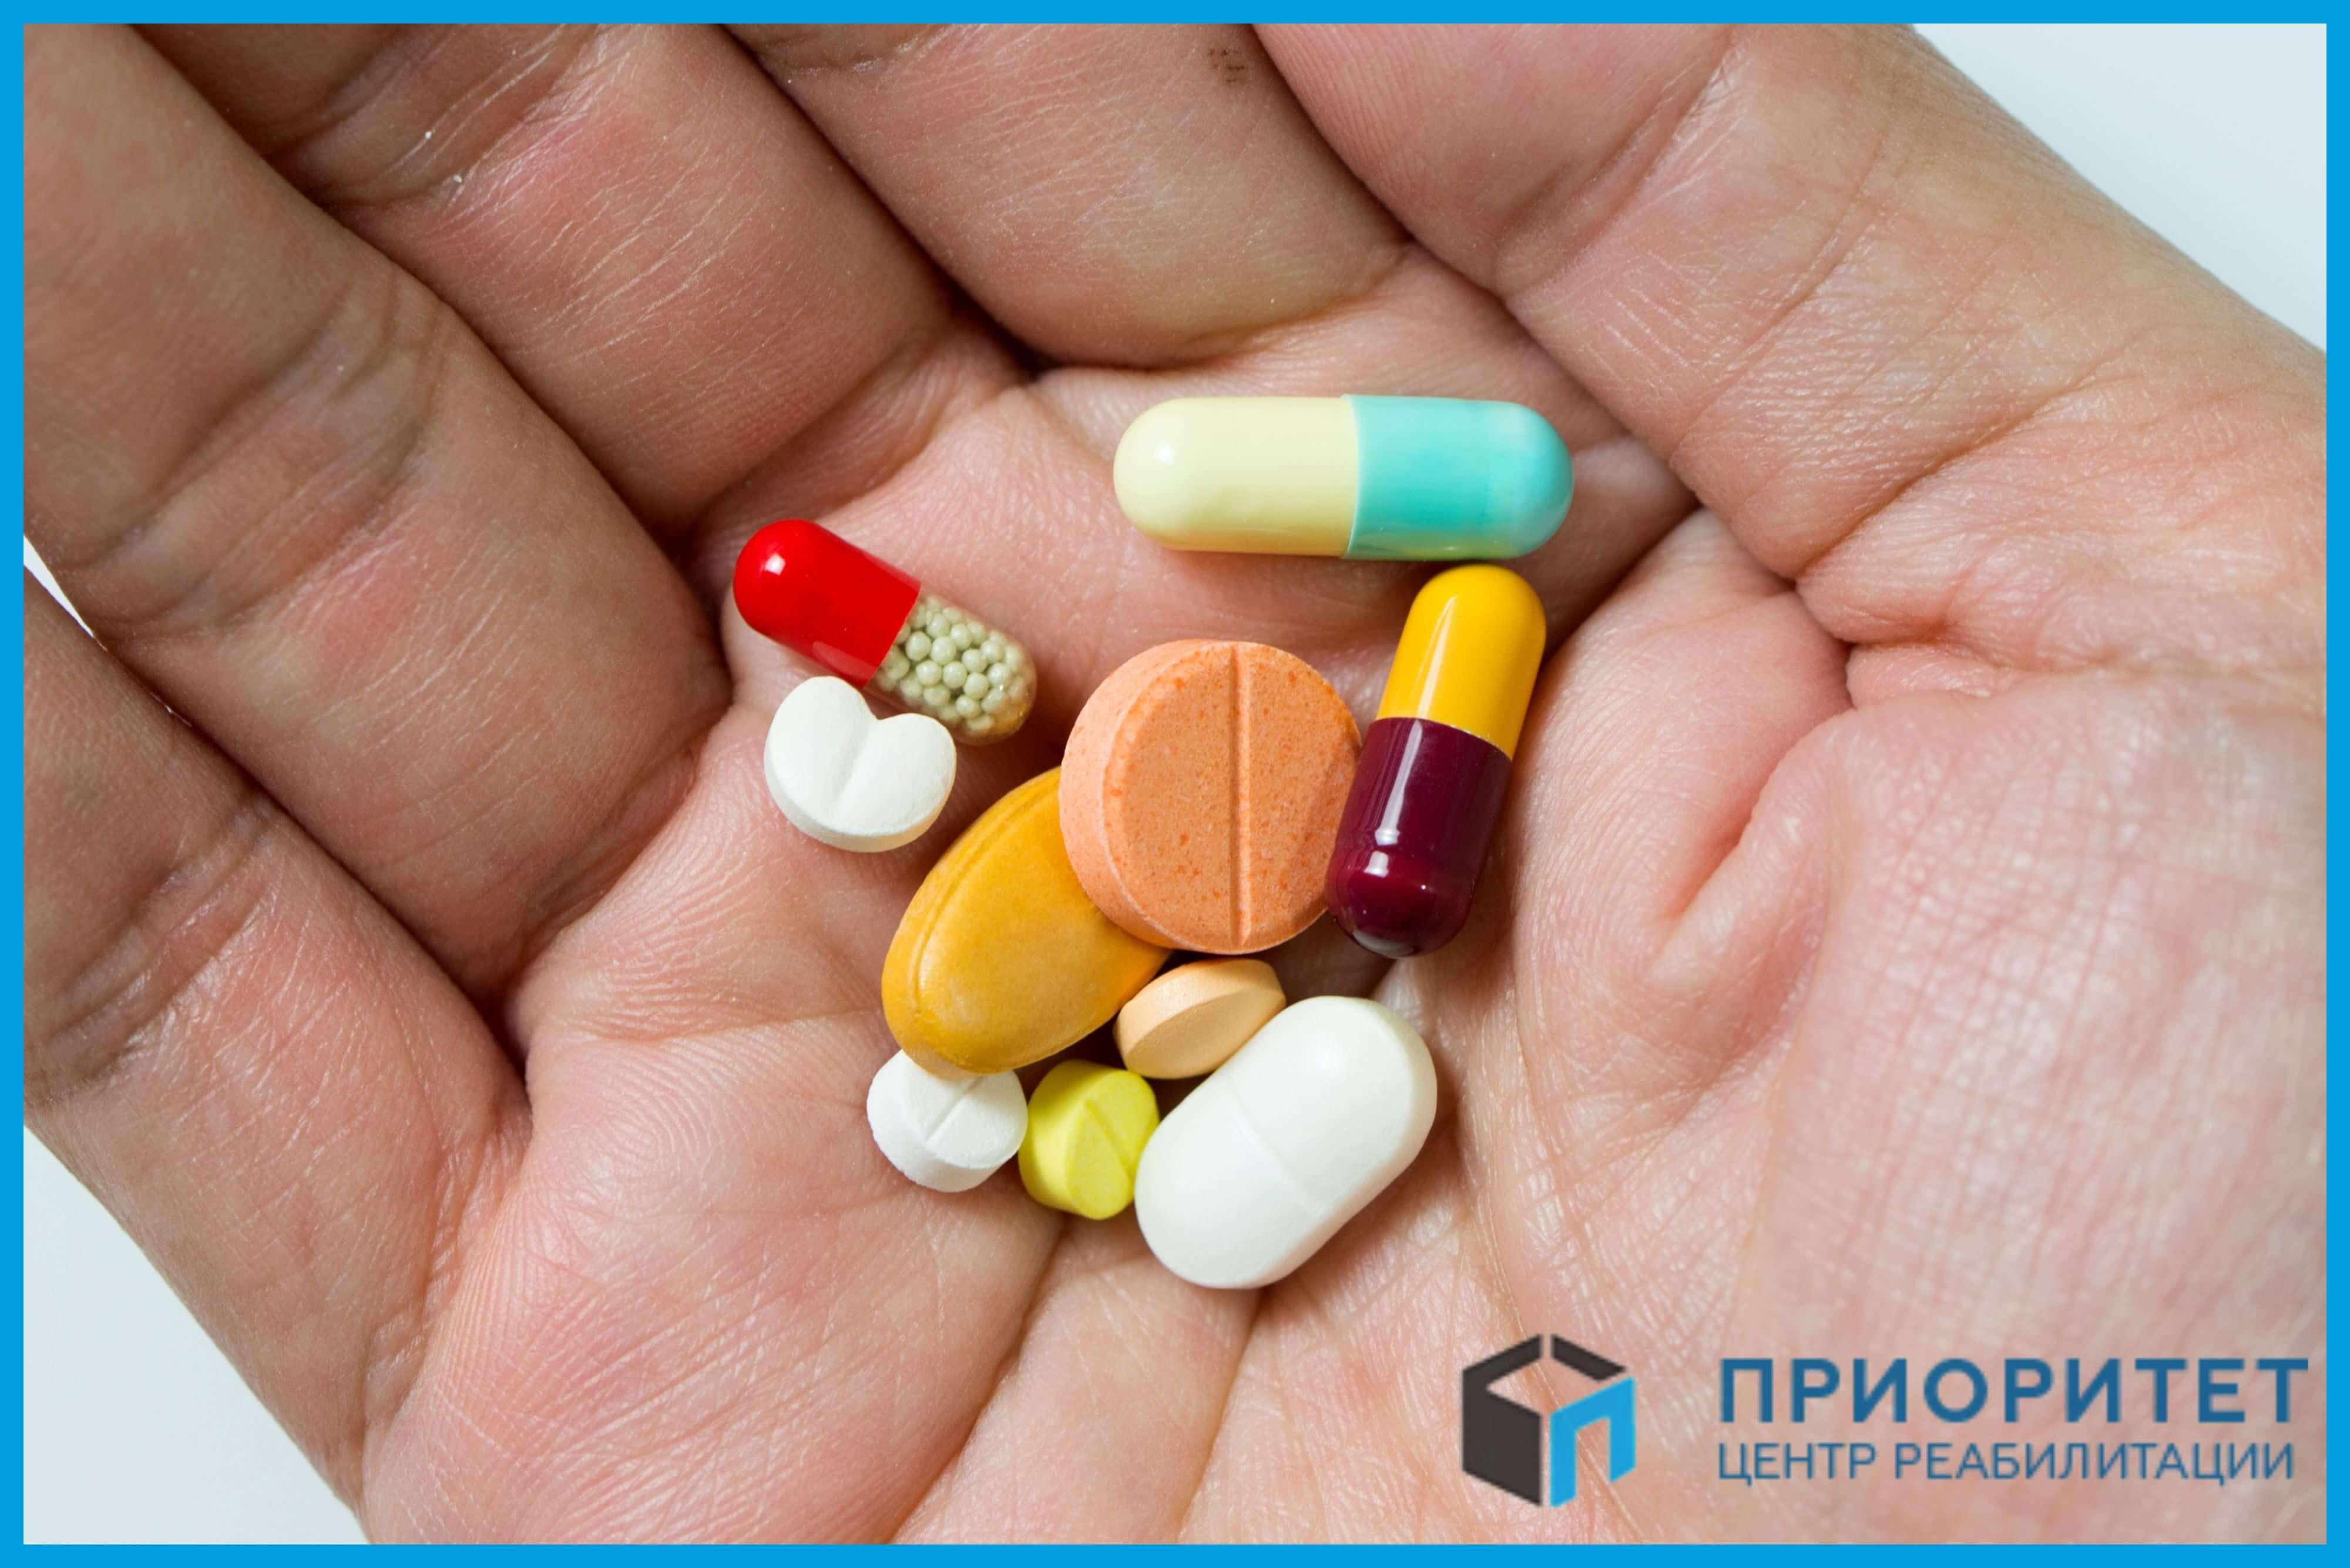 Лечение наркозависимости в Тернополе